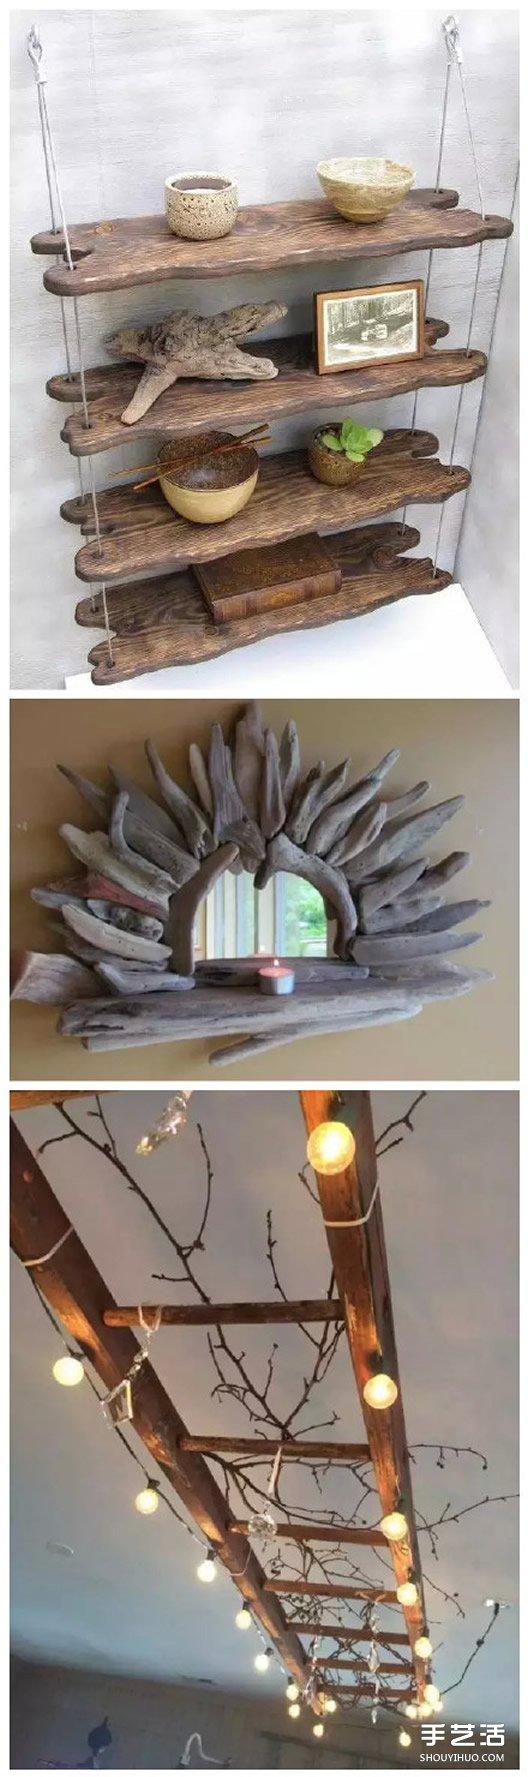 废木头回收再利用小创意